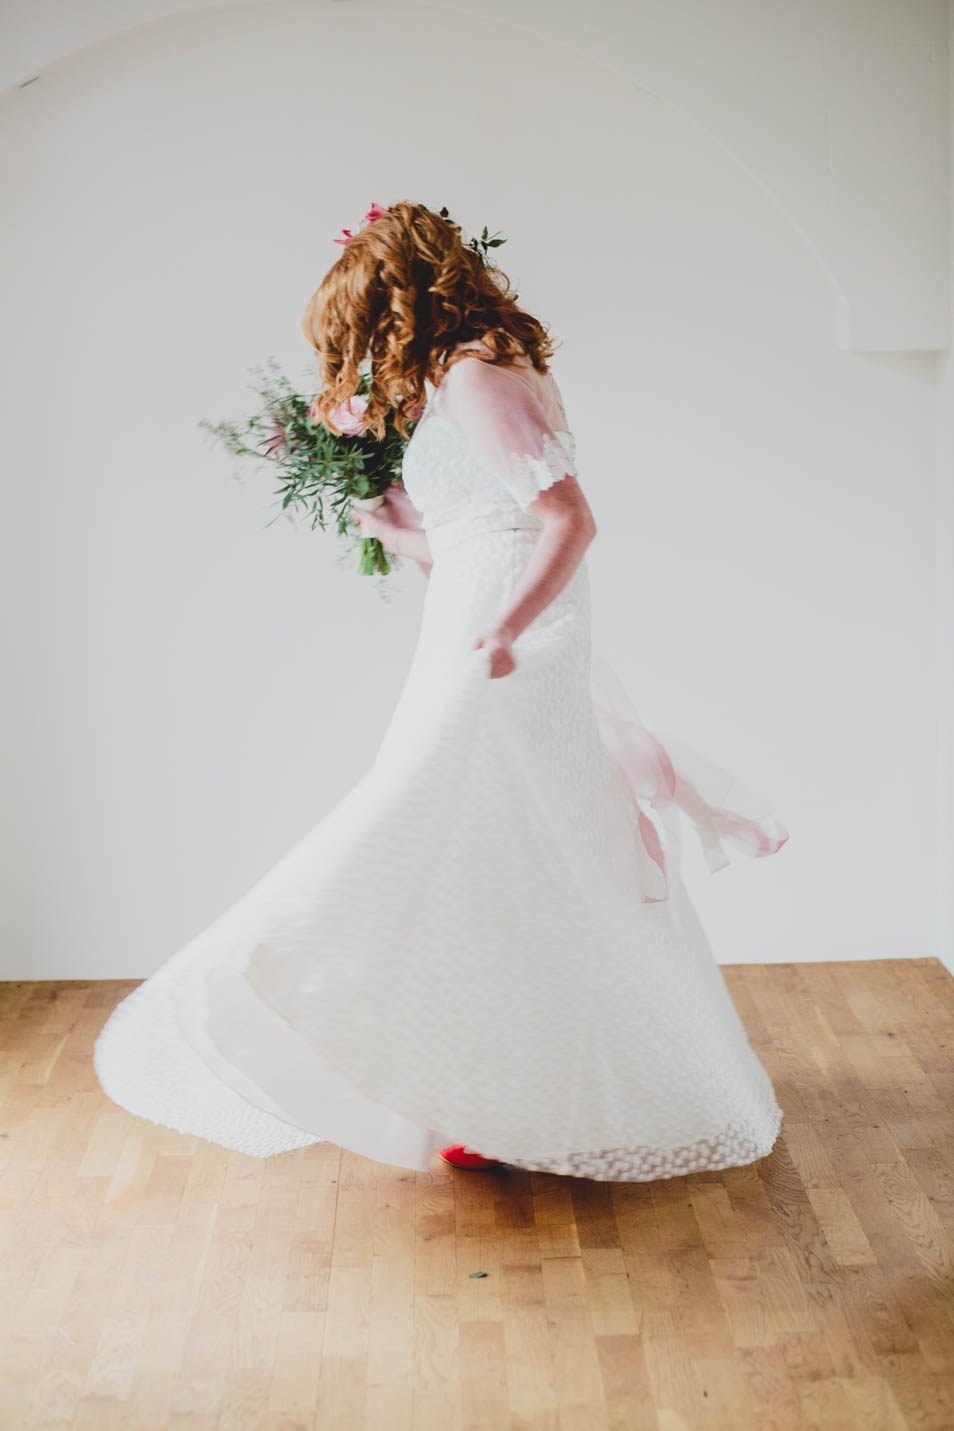 Braut dreht sich mit schwingendem Rock